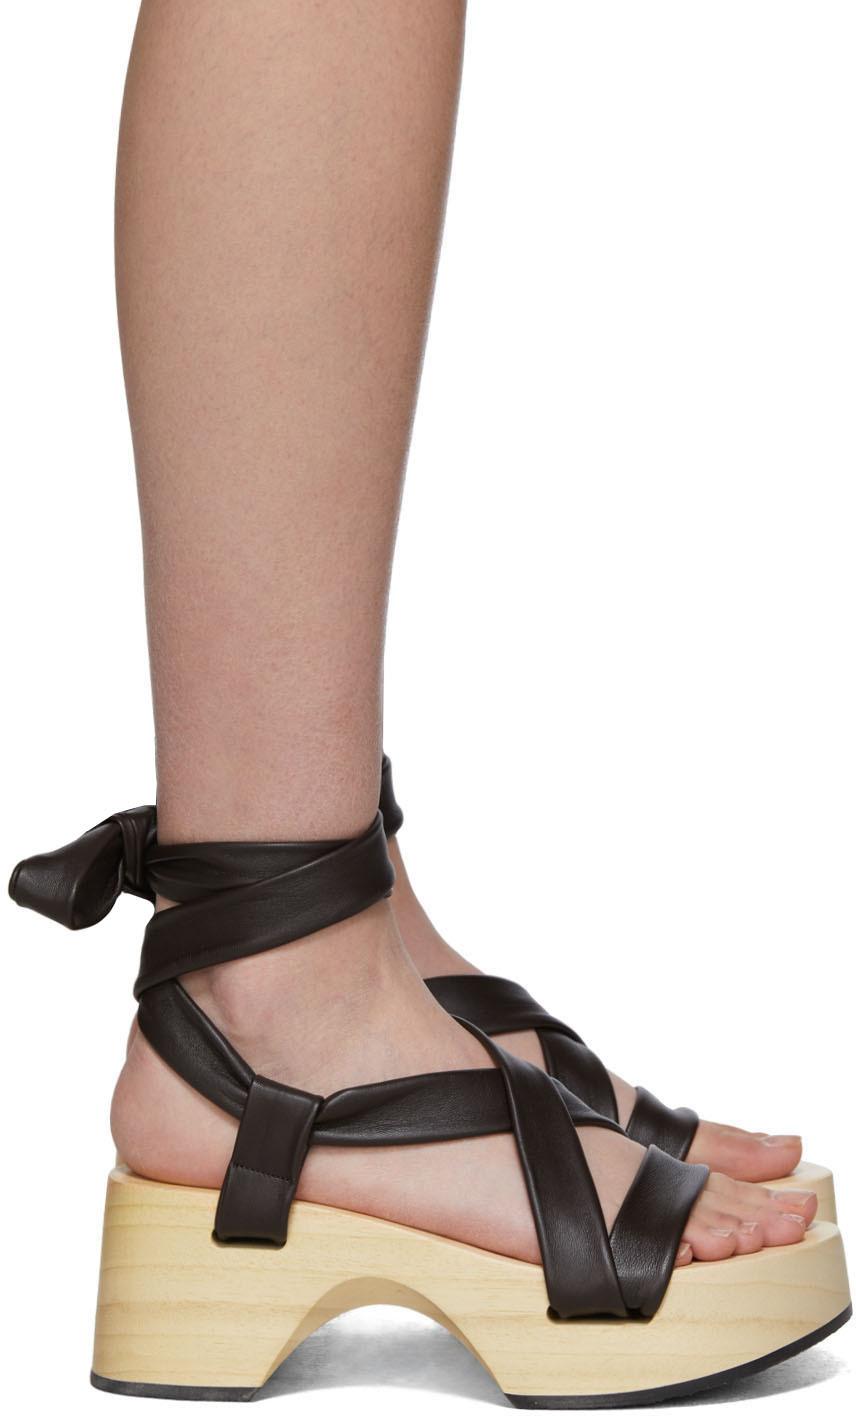 Brown Strap Wedge Sandals by Jil Sander